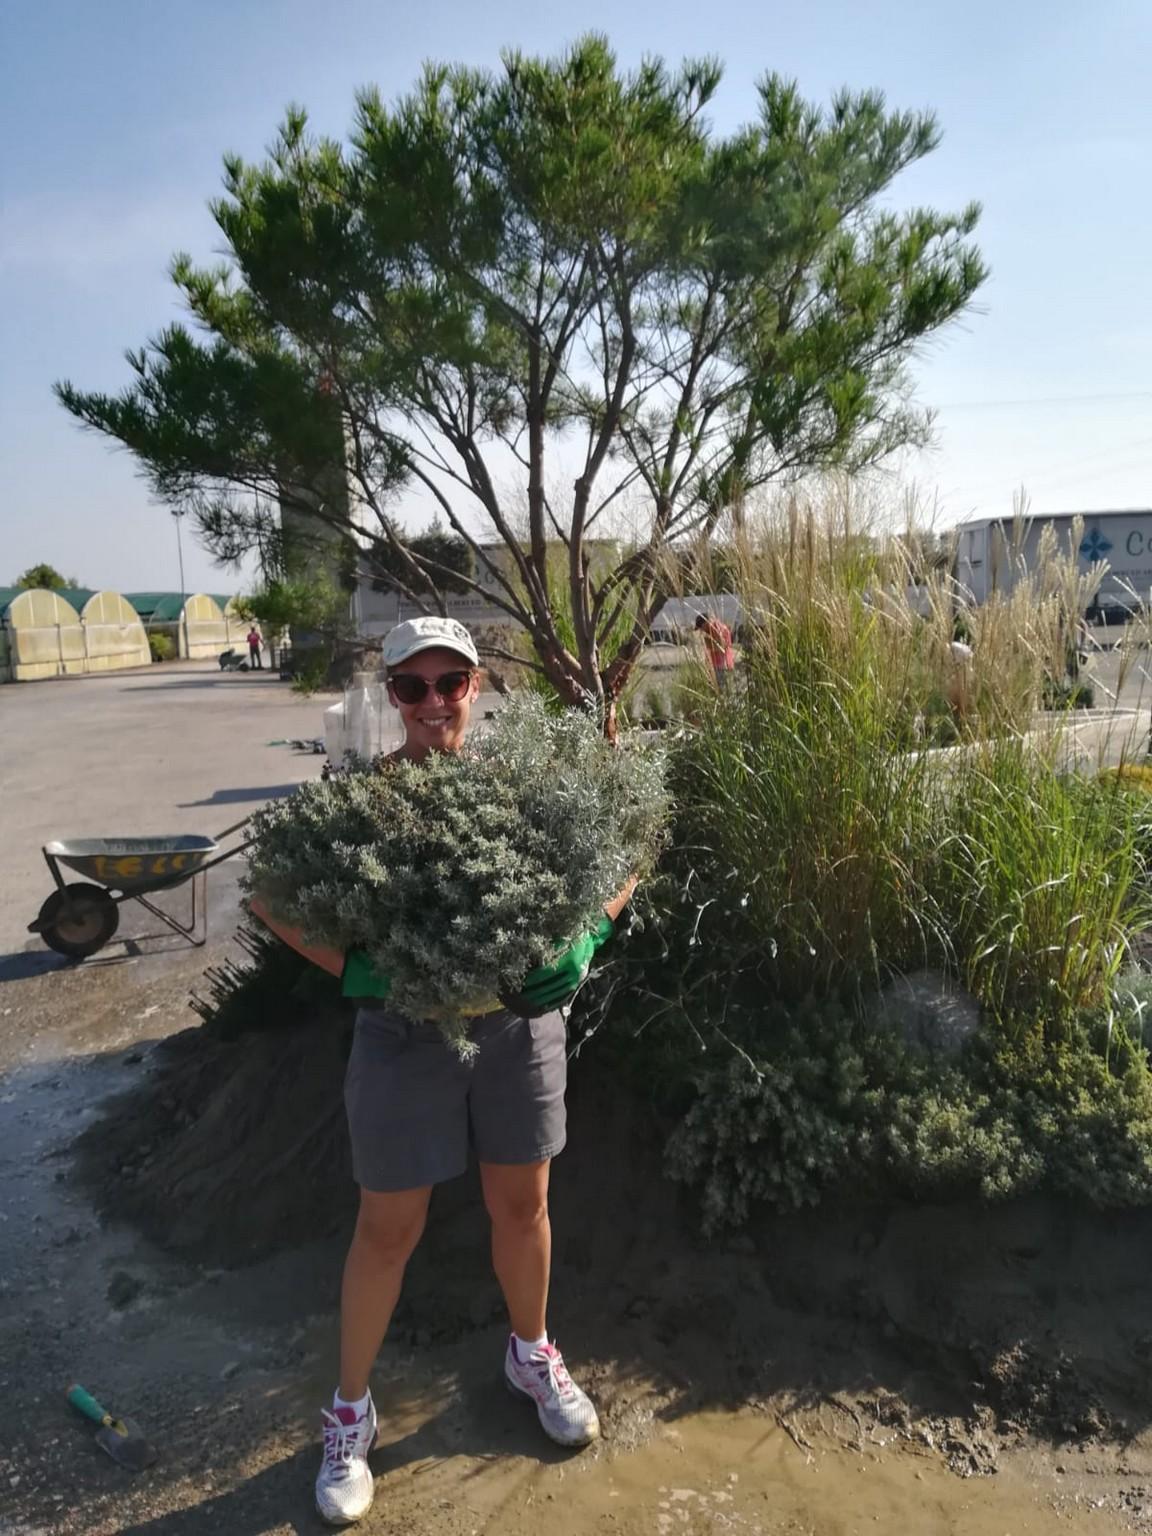 Concorso giardini Verdeggiando_141 NAUTILUS (DL4X4) Davide Cerruto – Walter Coccia – Emanuela Missanelli – Daniela Colombara